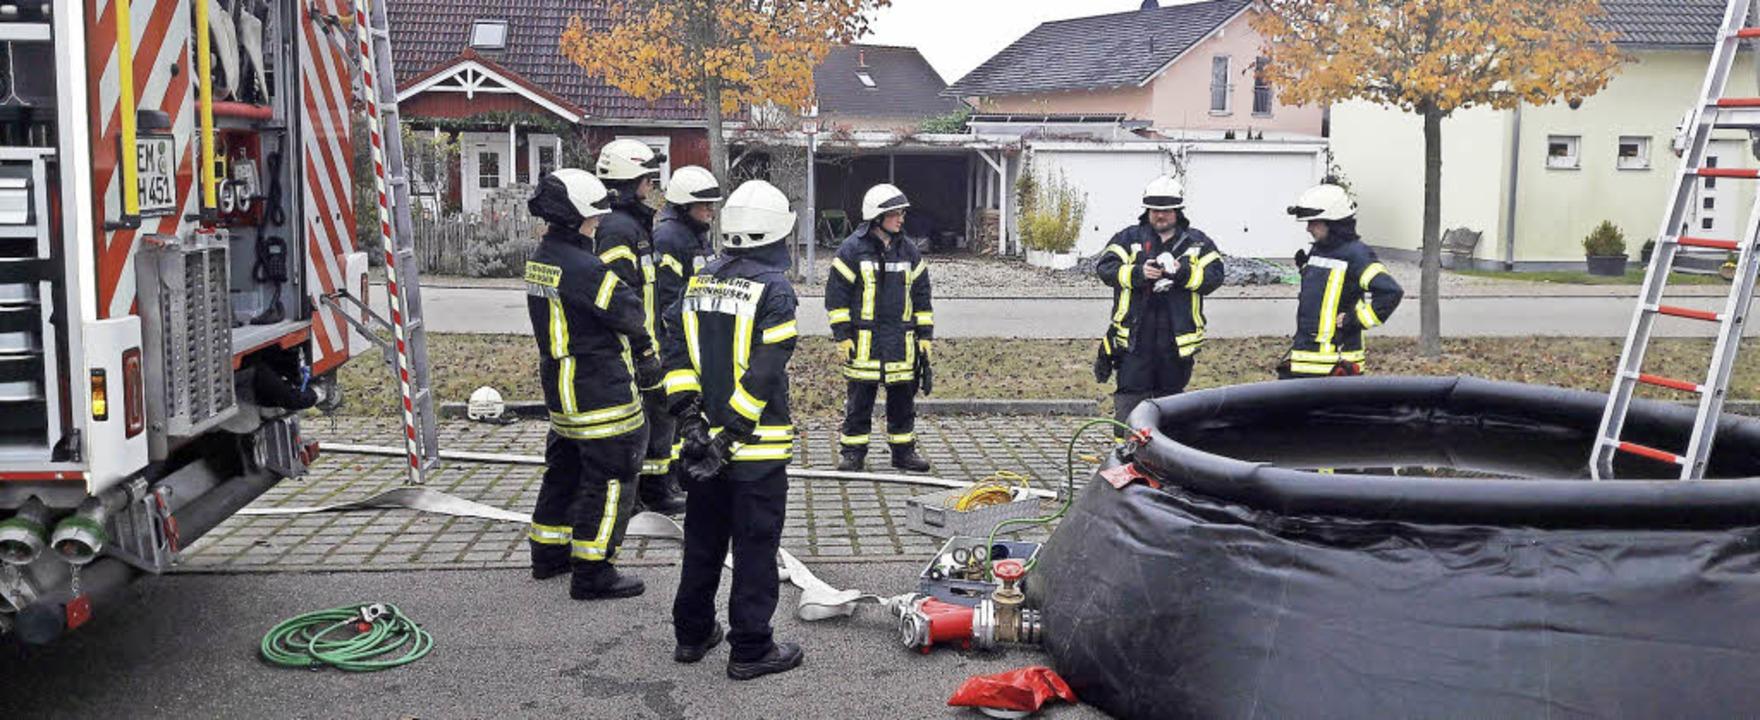 | Foto: Feuerwehr Rheinhausen